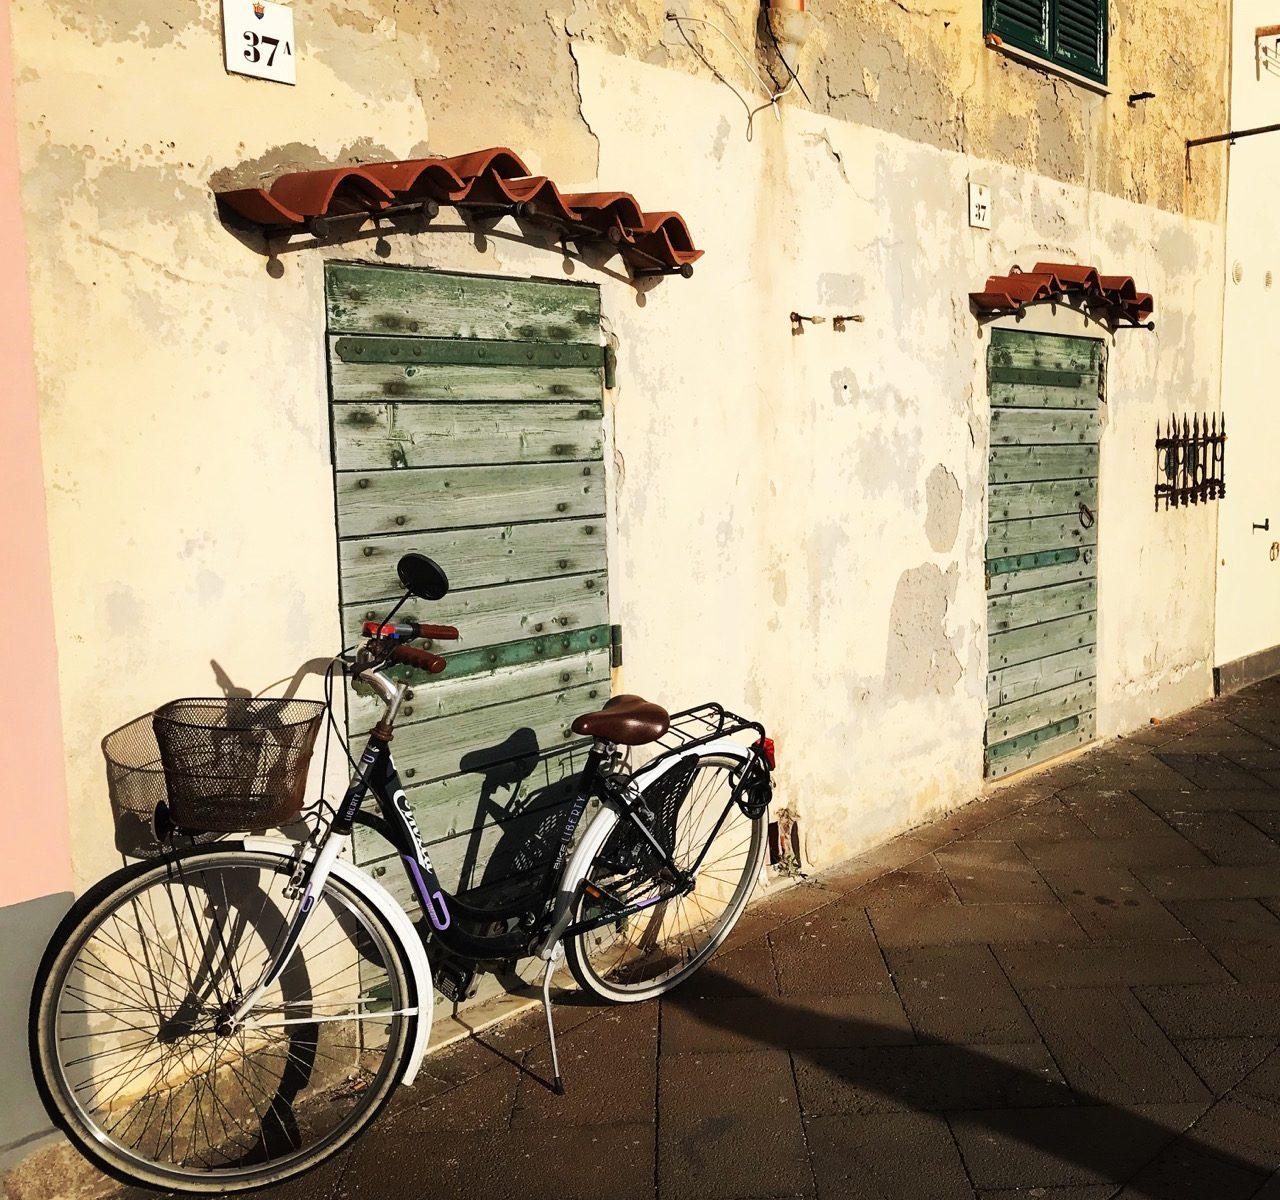 Bicycle in front of old door in Alghero